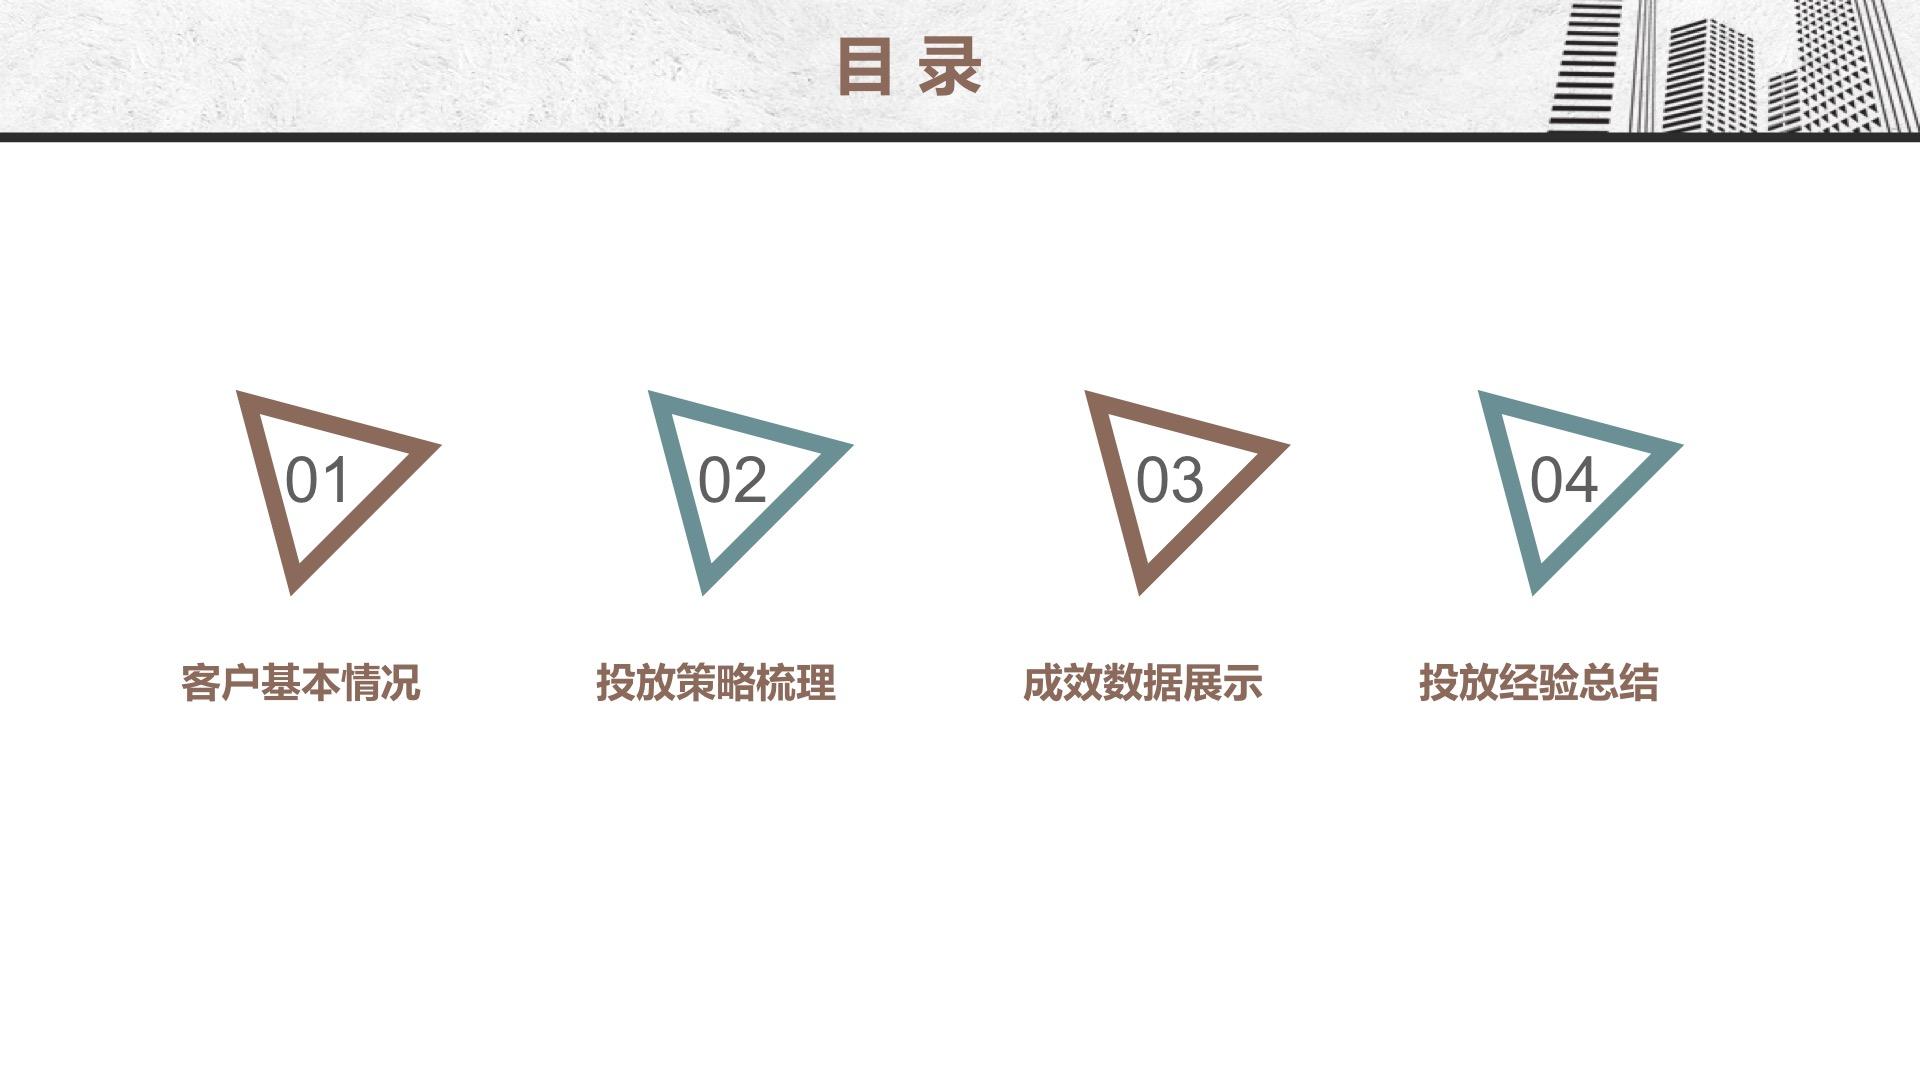 北分-房产家装-天津-短语-pc-王华奇1.jpg